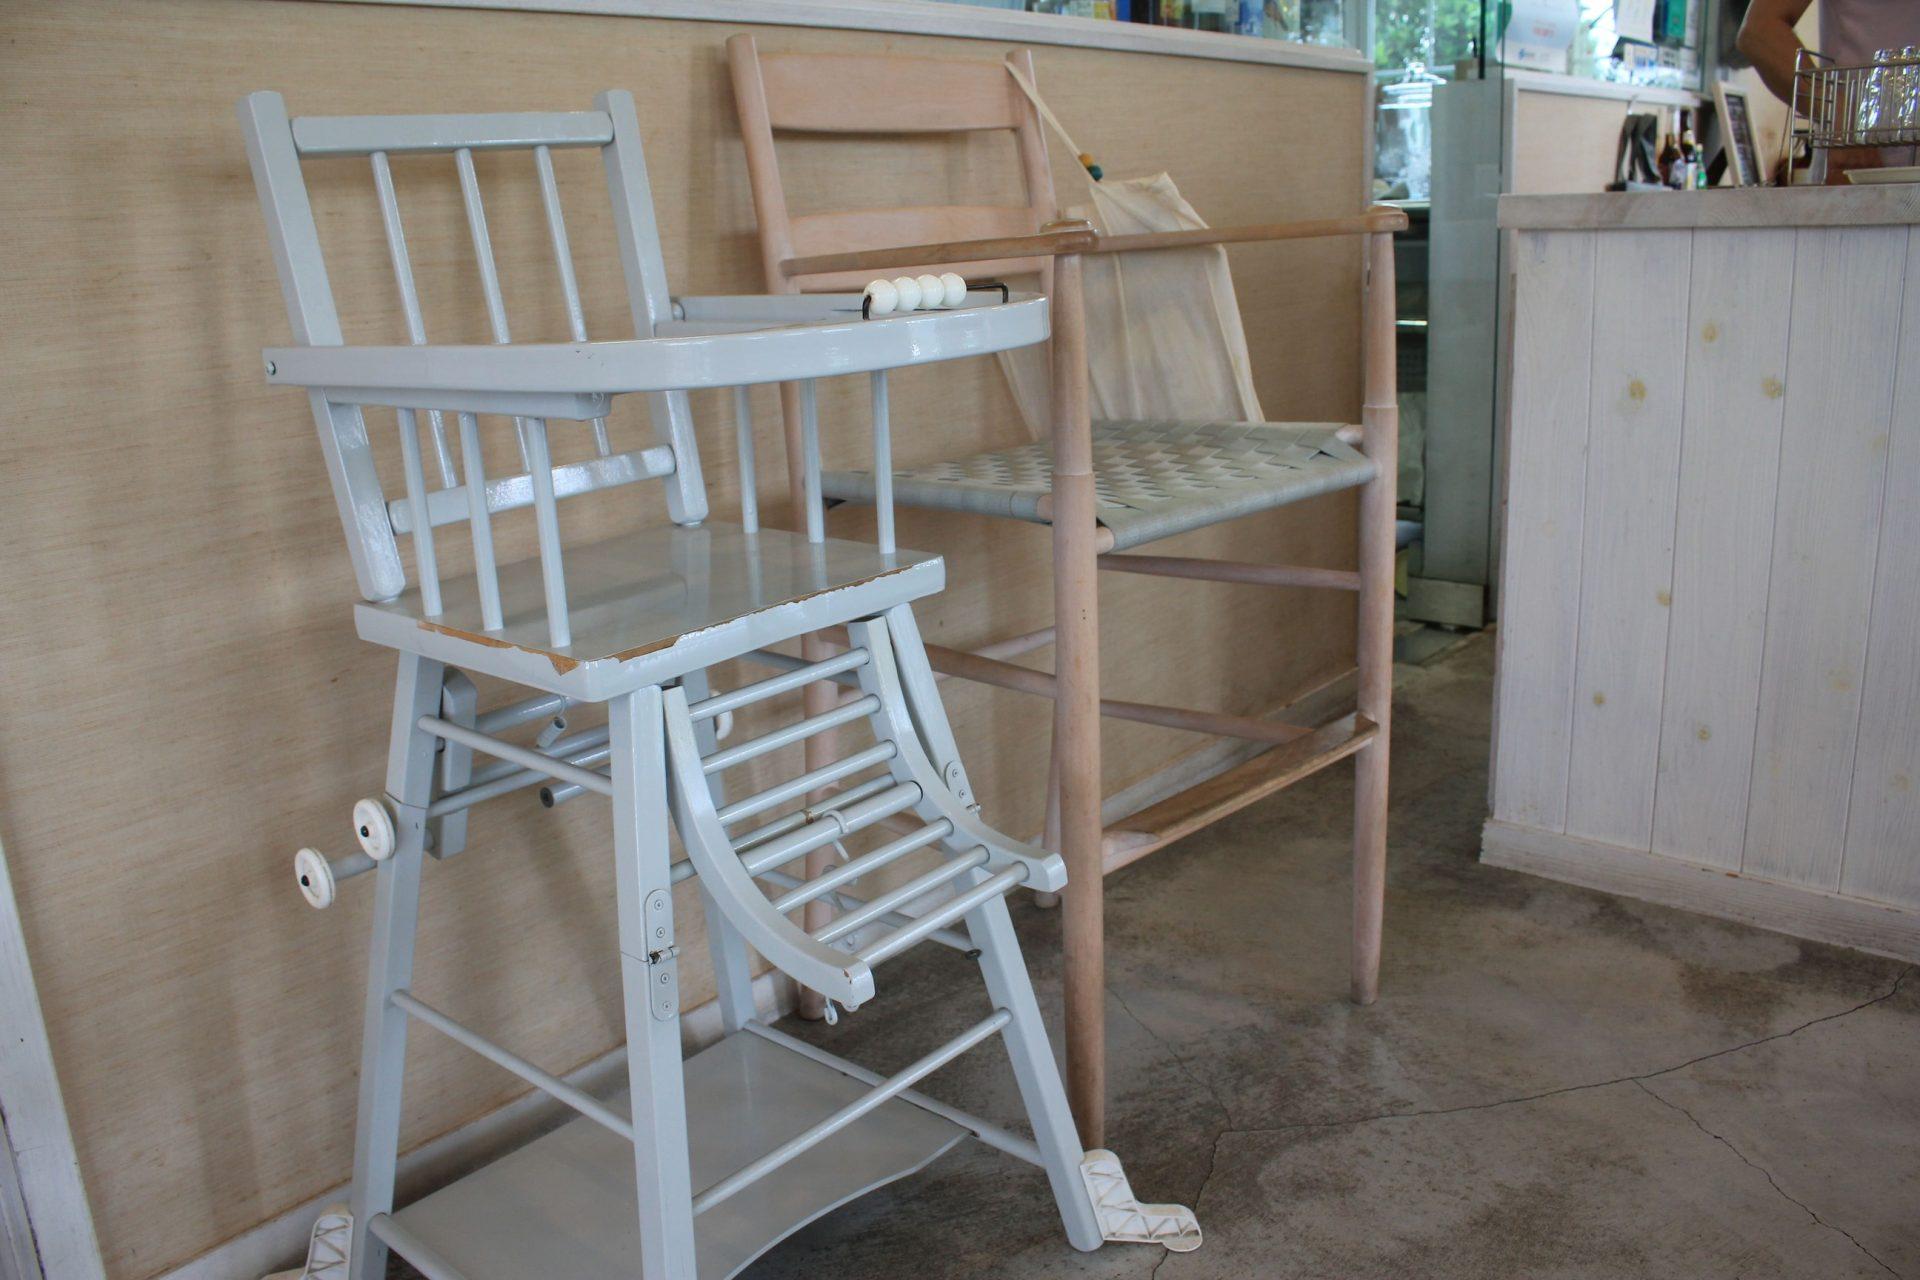 La Fonte ジェラート ラ フォンテ 龍郷町 幼児用椅子